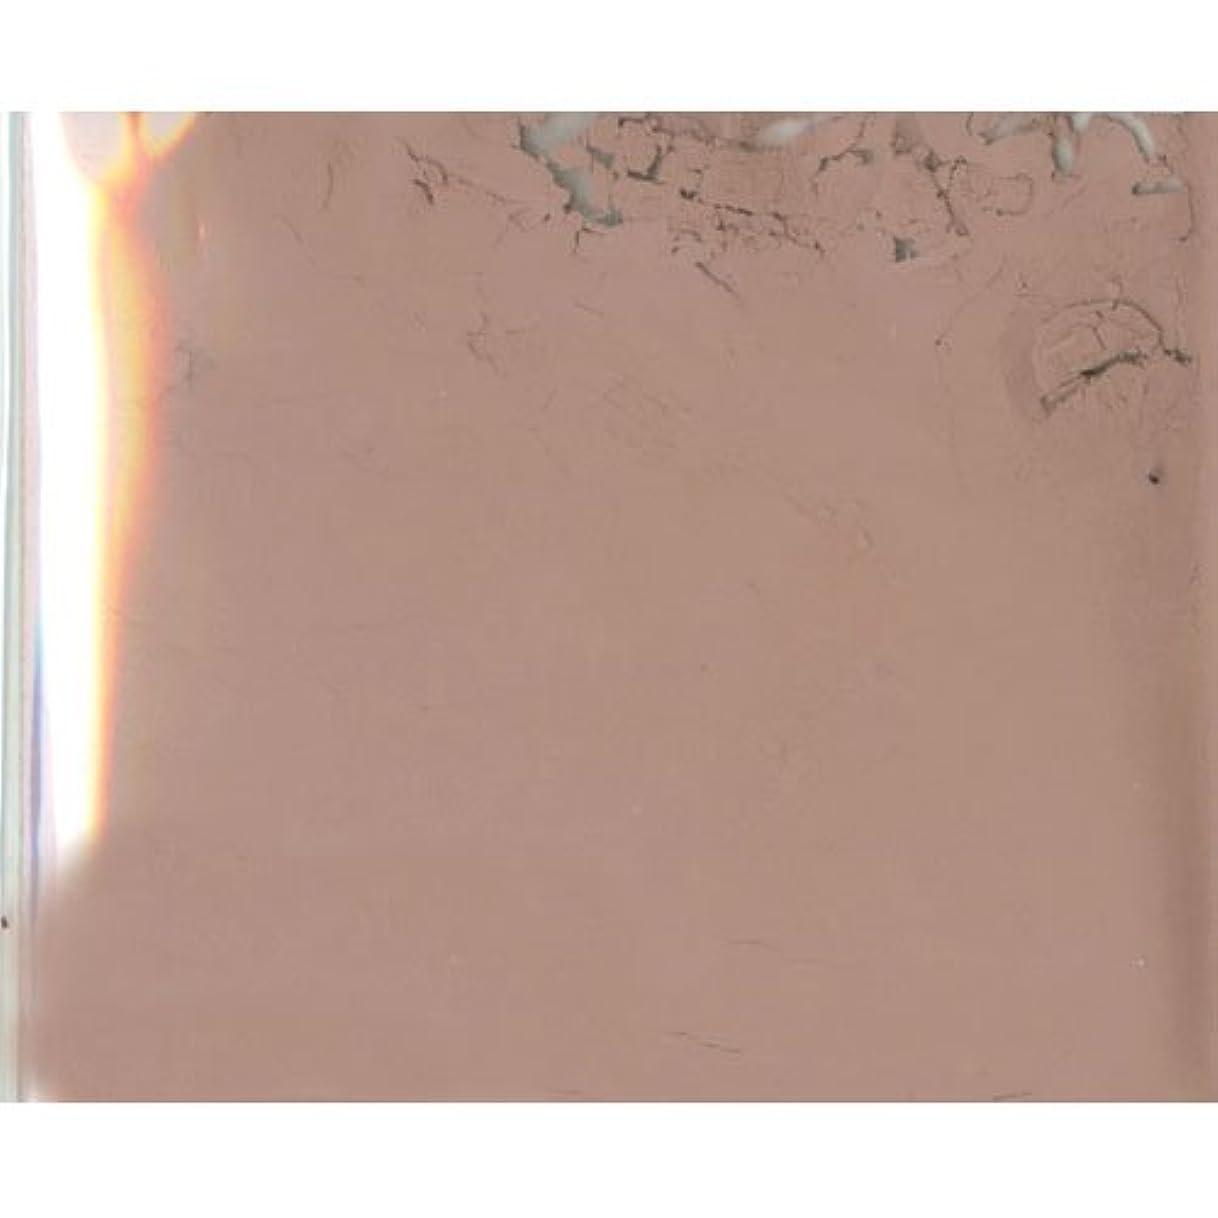 禁止する二次ピルピカエース ネイル用パウダー ピカエース カラーパウダー 透明顔料 #985 チョコレートブラウン 2g アート材